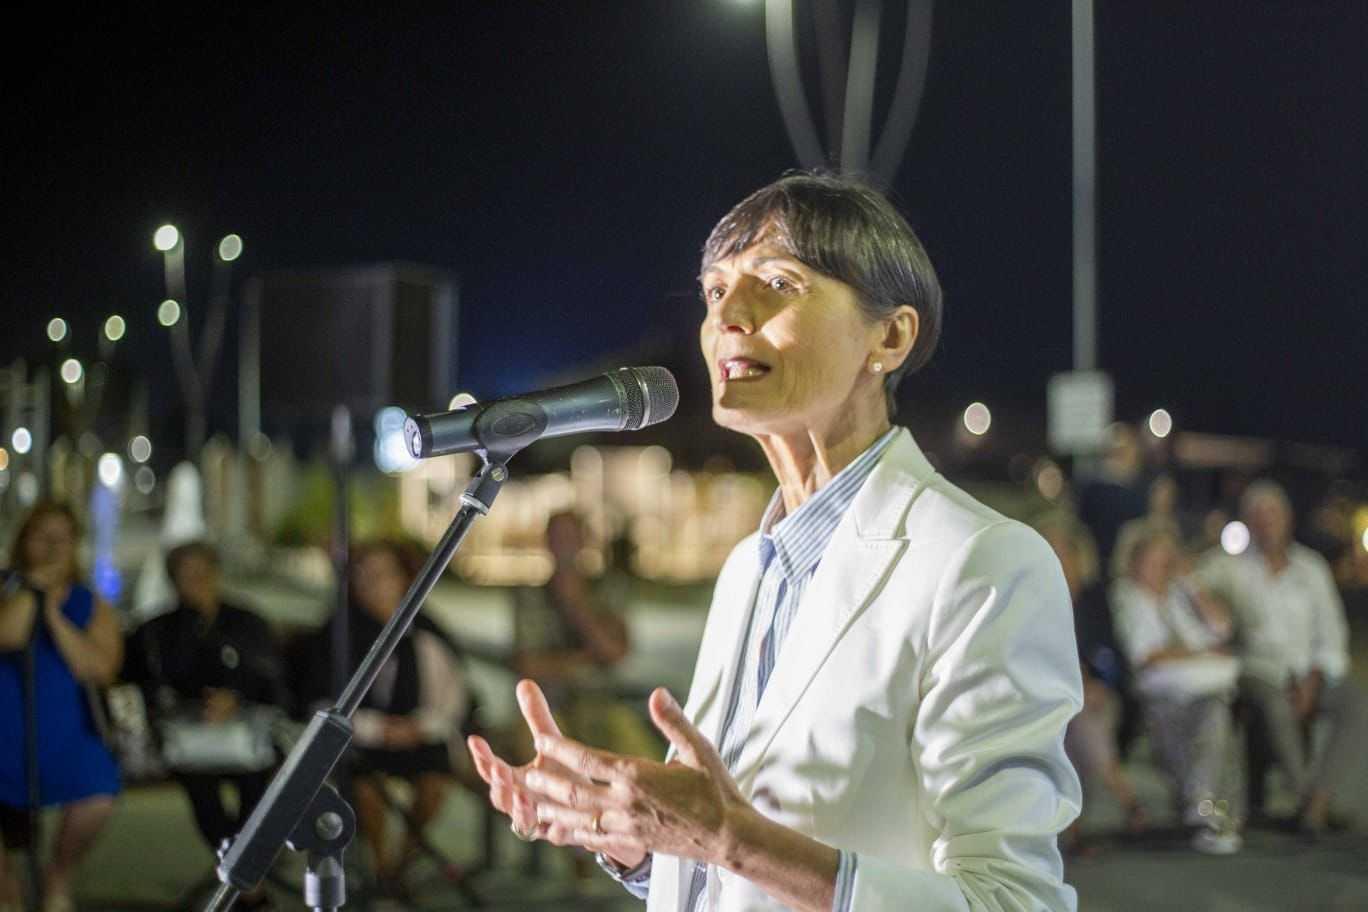 elezioni-roseto,-presentati-i-candidati-della-libera-coalizione-progressista-per-rosaria-ciancaione-sindaco